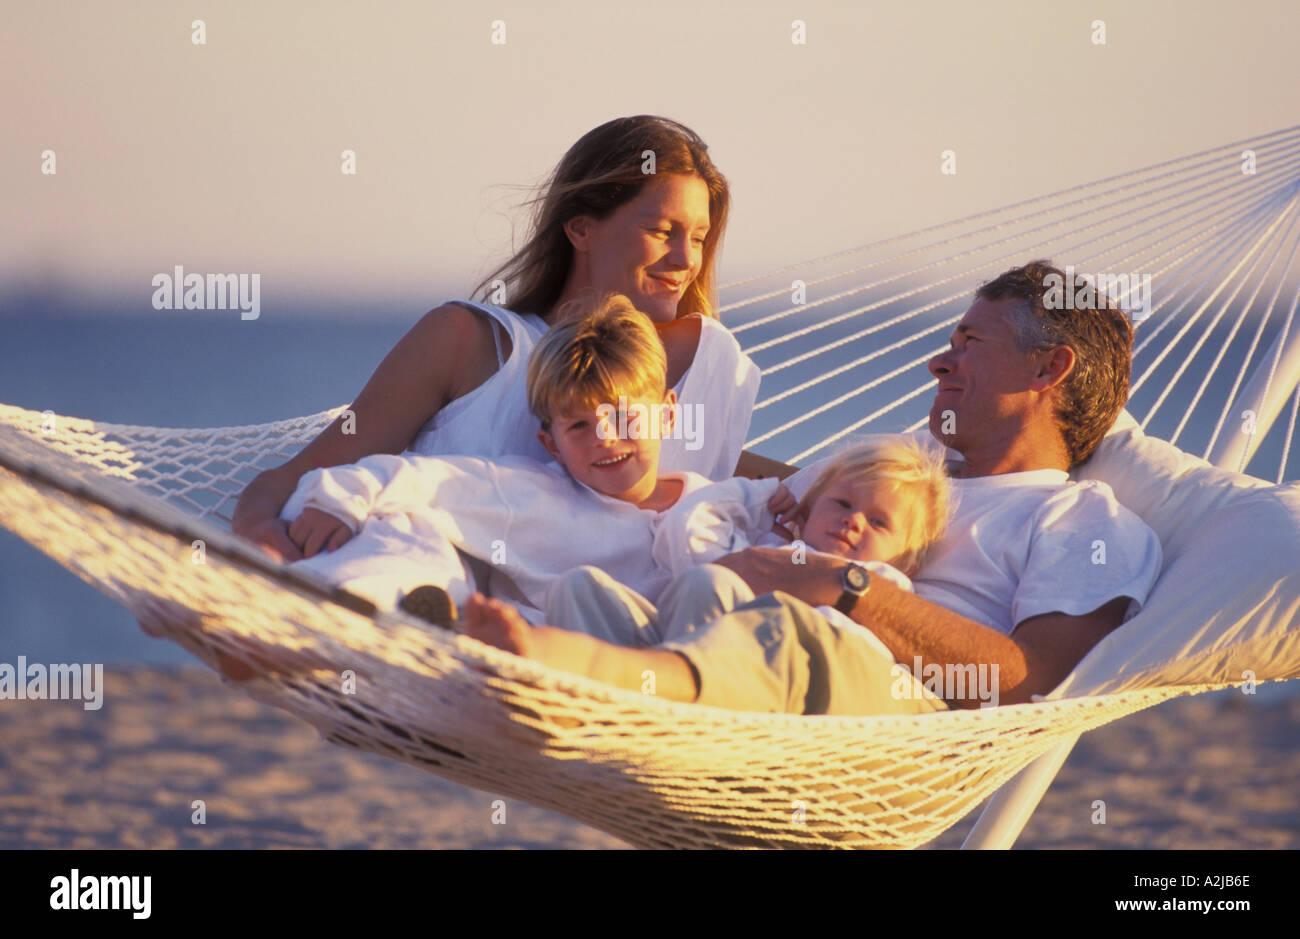 Père et mère de leurs deux enfants couchés ensemble dans un hamac sur la plage Photo Stock